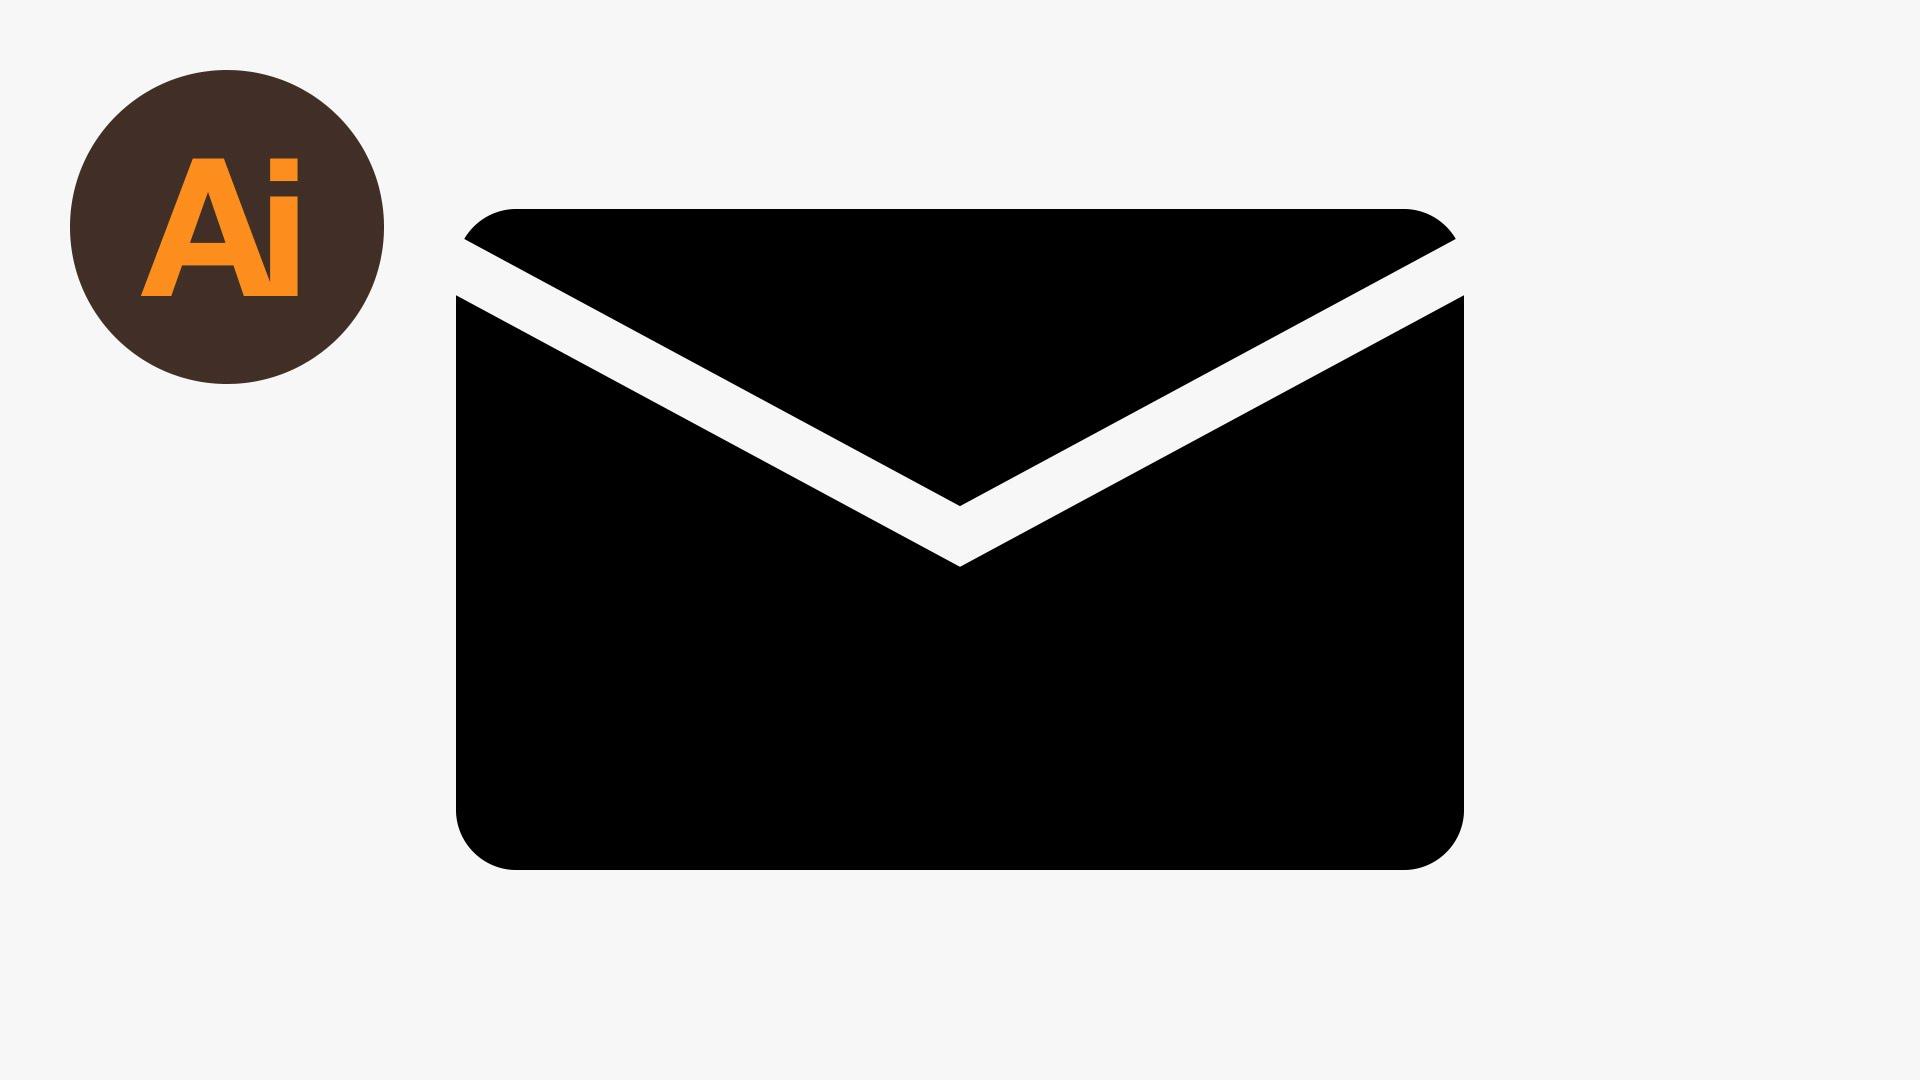 1920x1080 Free Envelope Vector Icon 49453 Download Envelope Vector Icon